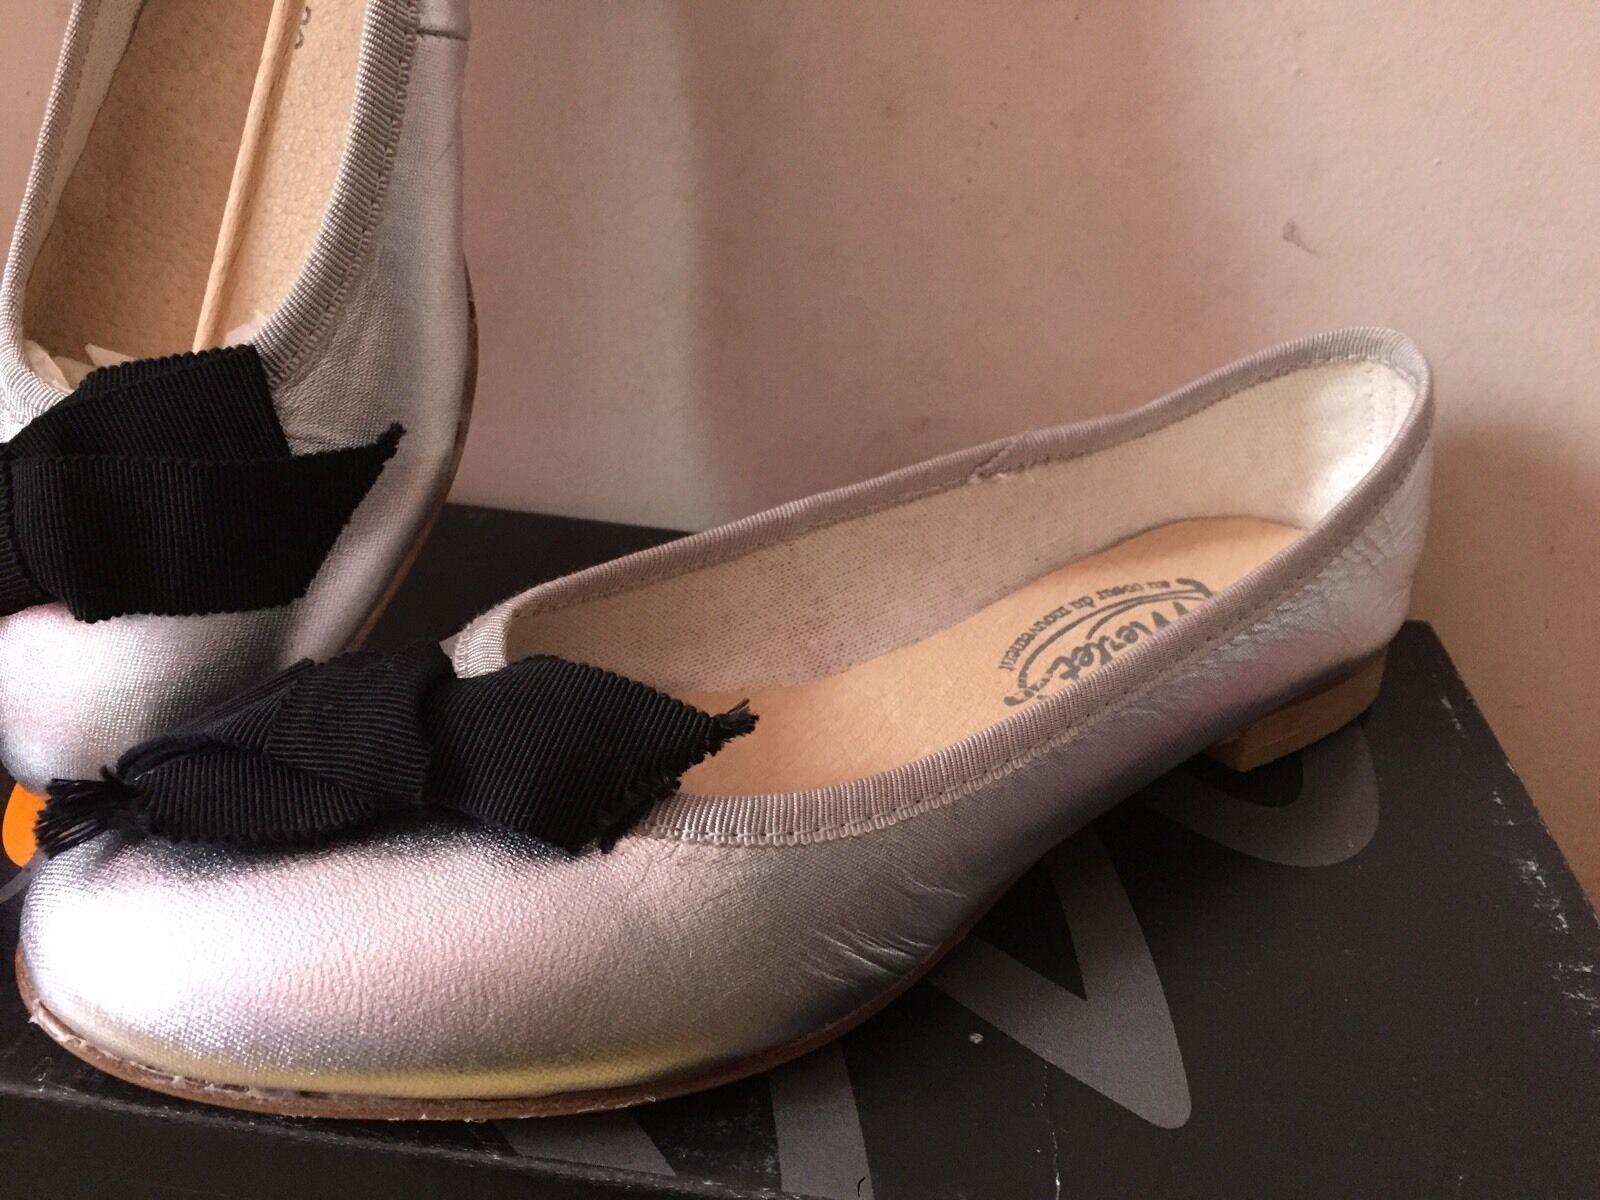 Ballerines Merlet Et Noir Et Merlet Argent T. 36 49014e